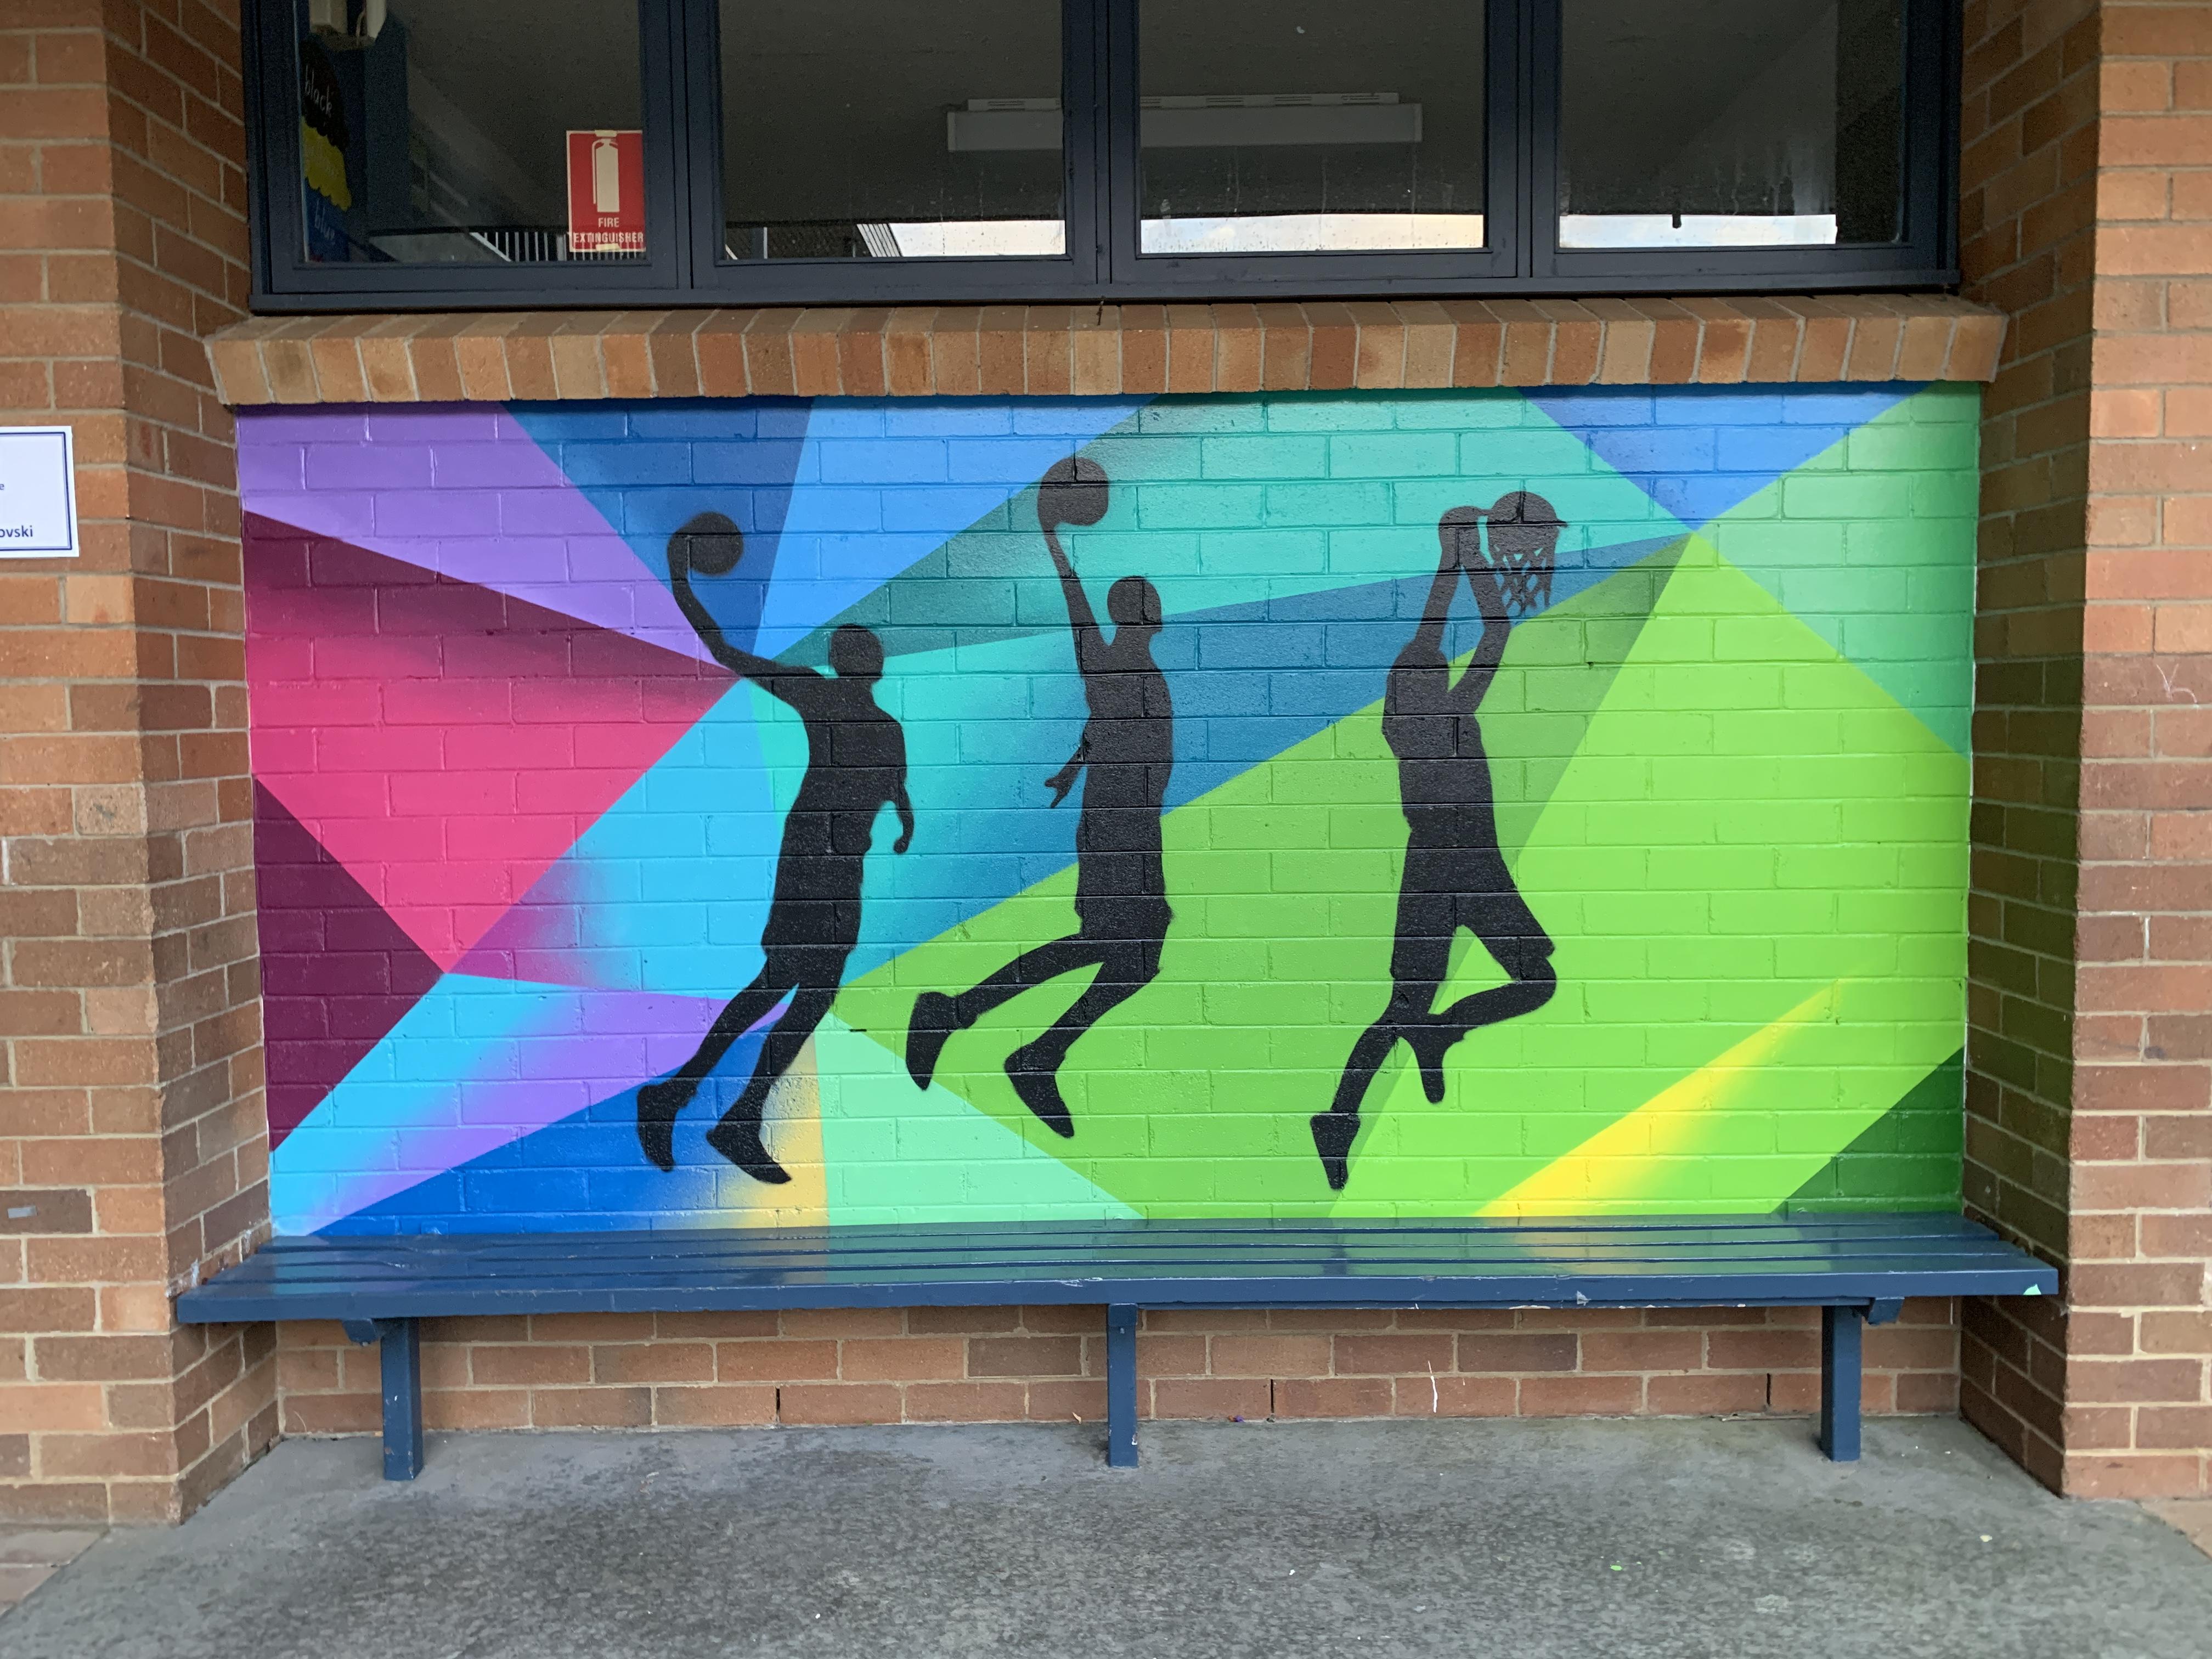 BasketBall Graffiti Art Mural